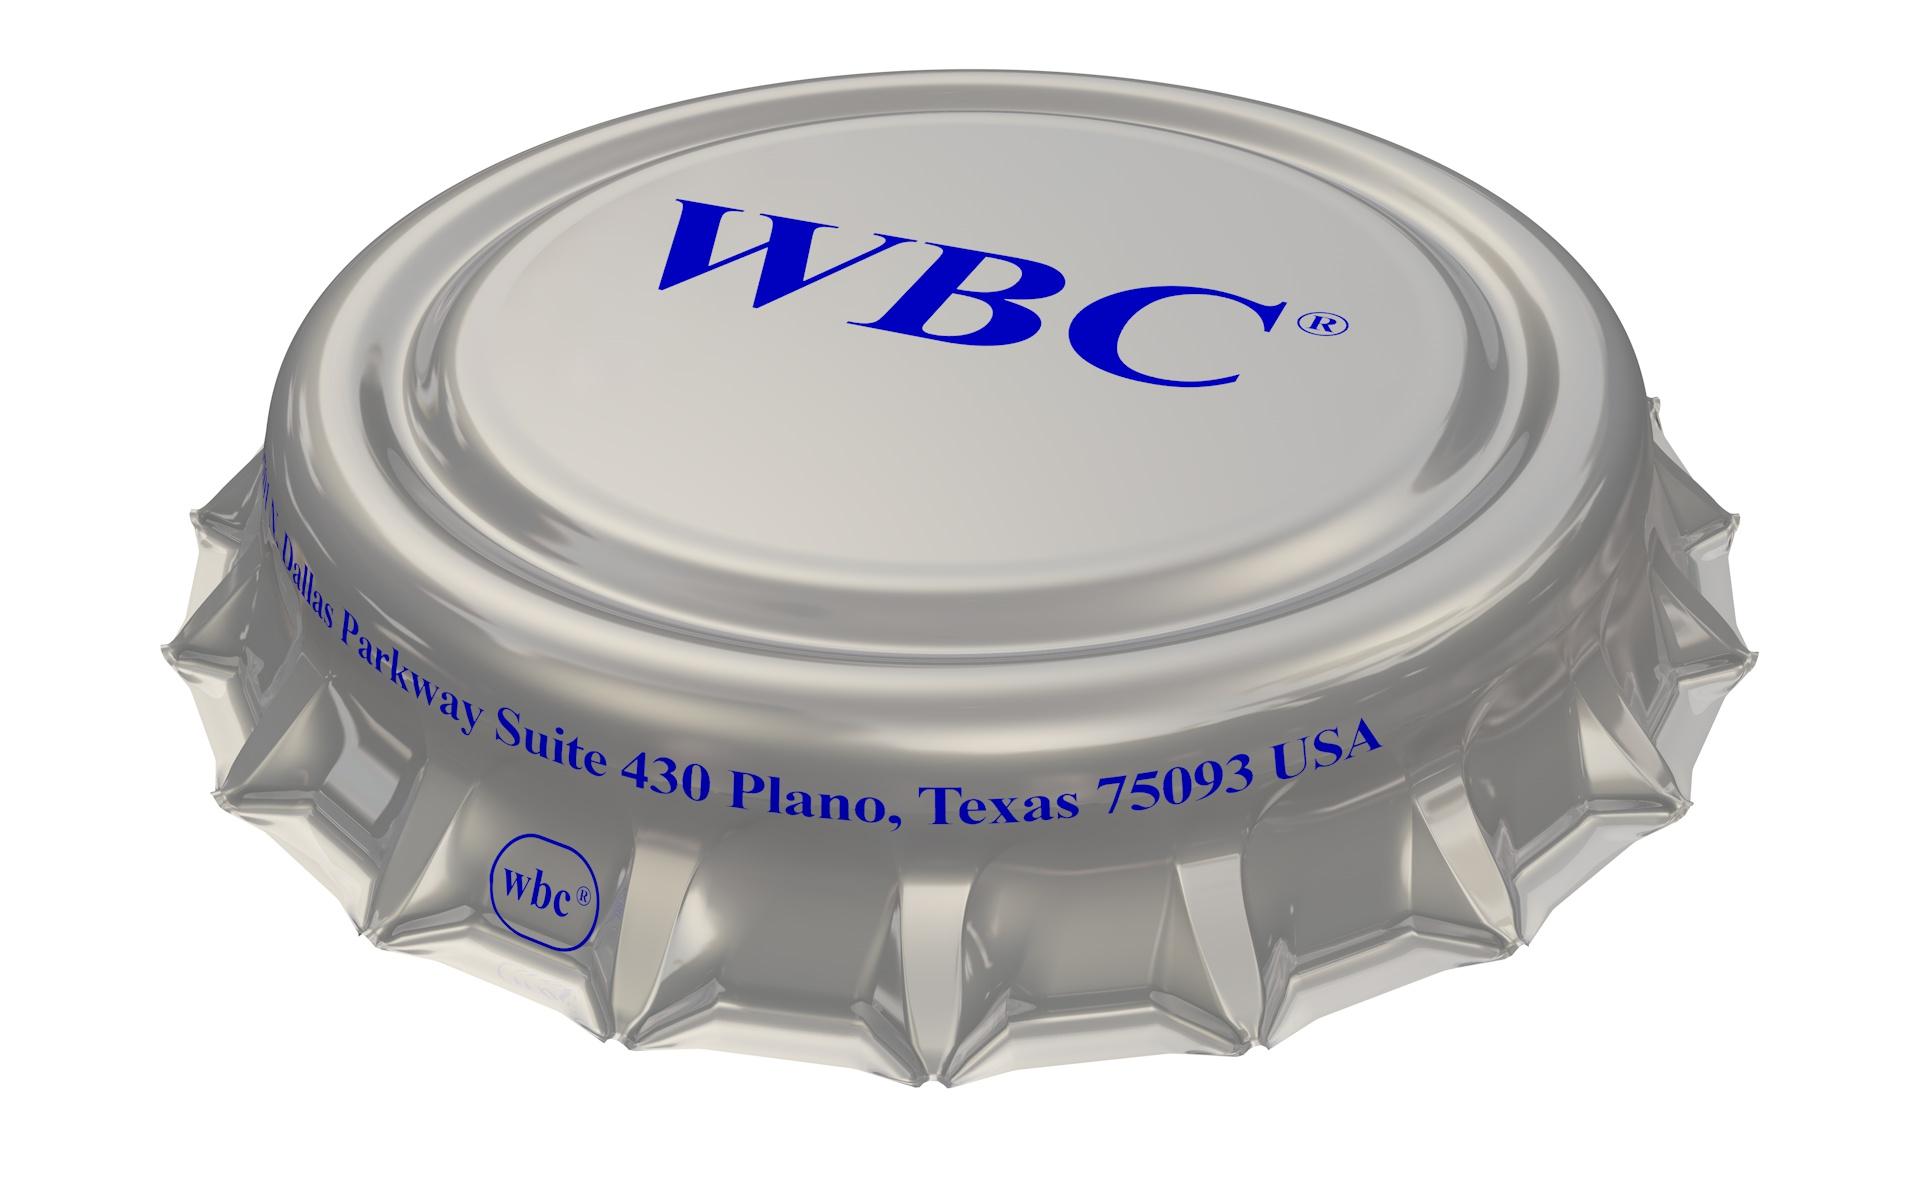 rgc-wbc-004_0003